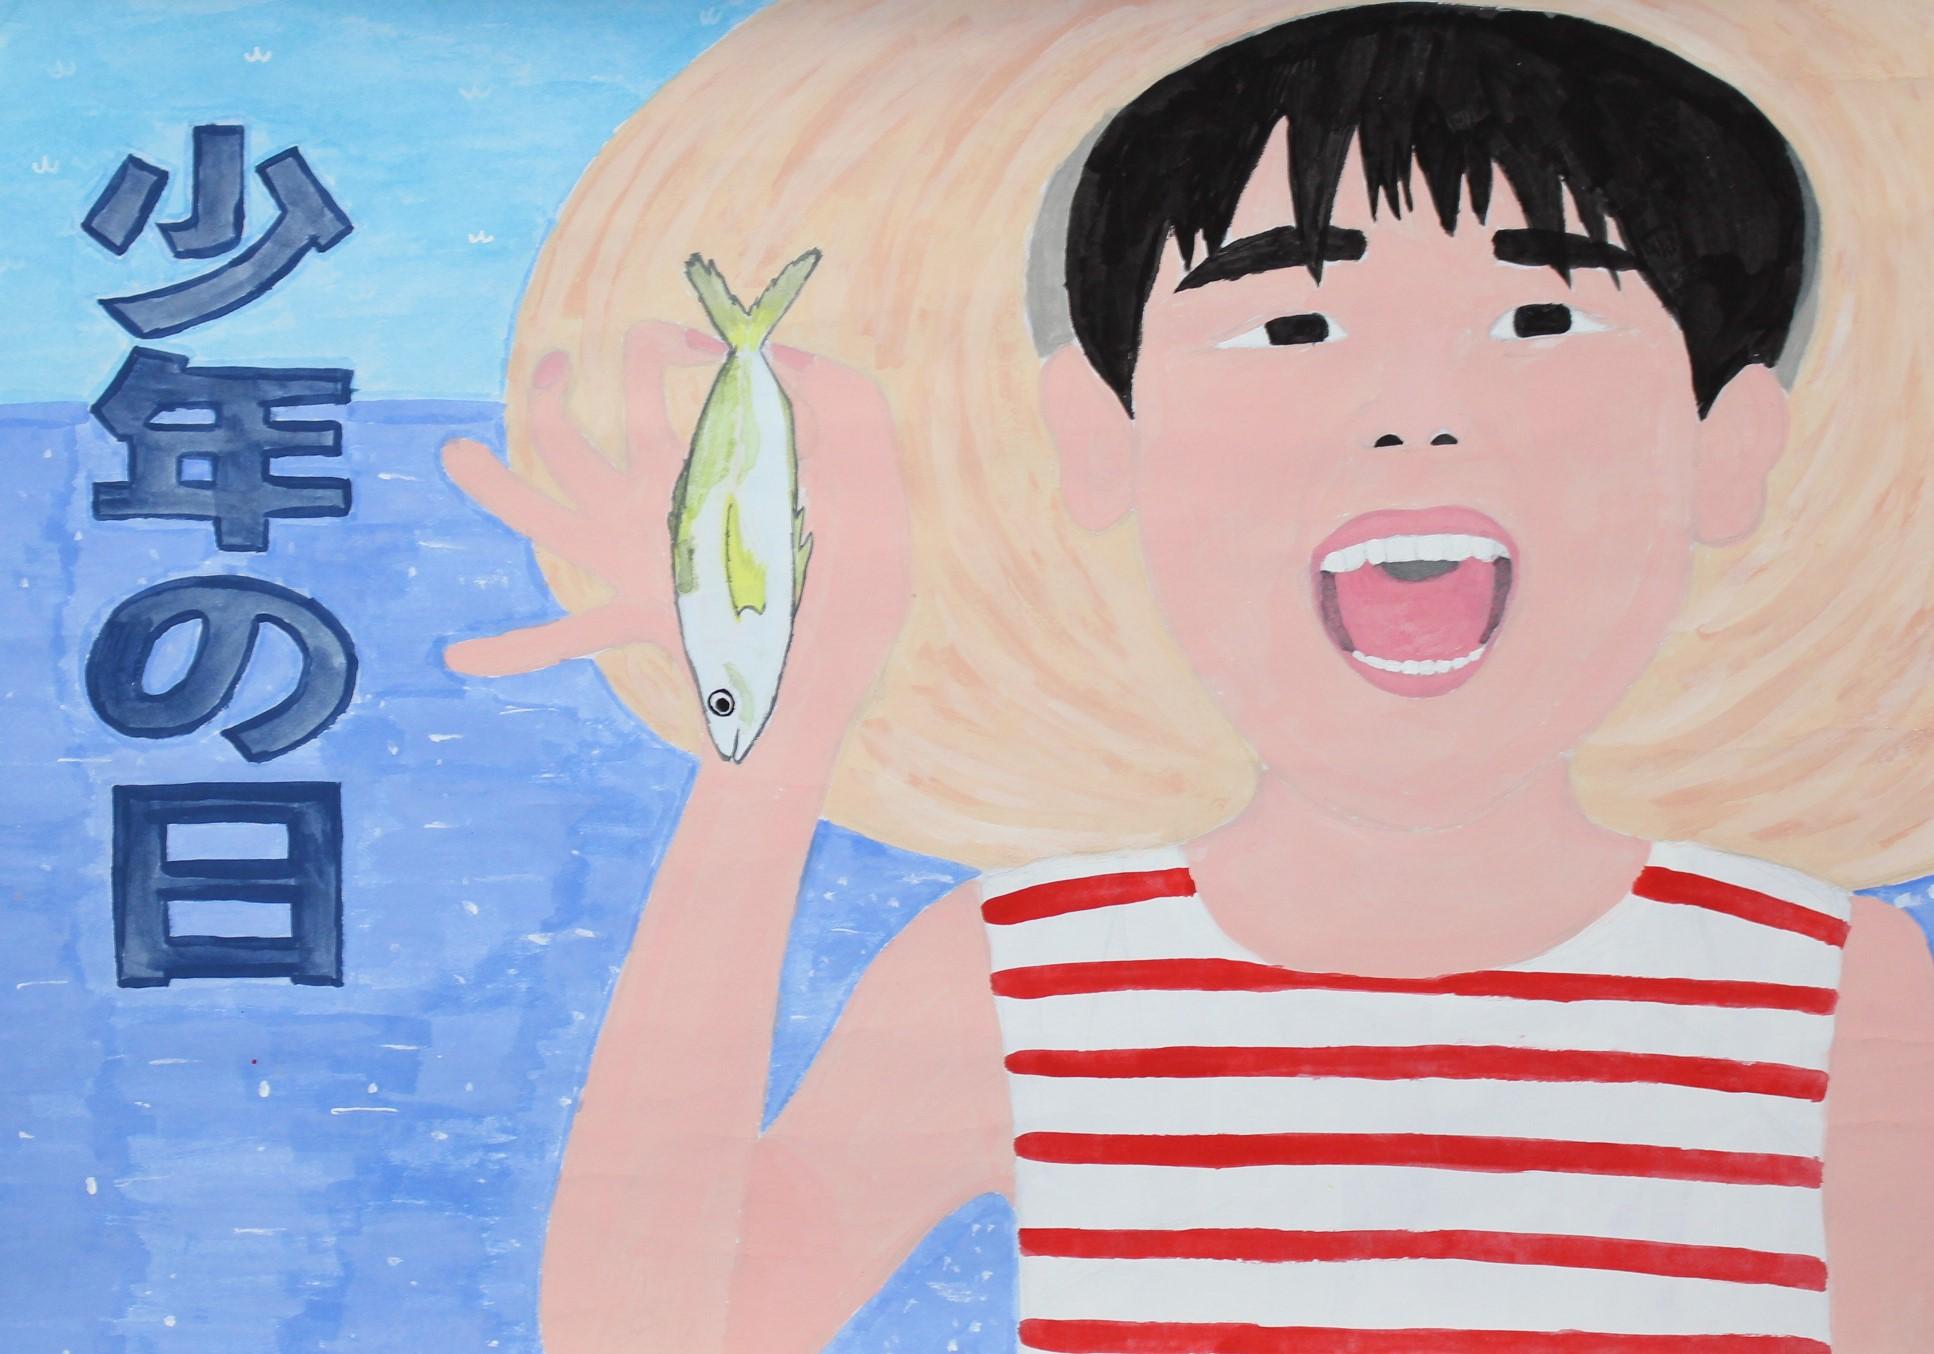 優良賞-日南市立飫肥中学校 2年 内田 彩未(うちだ あやみ)さん